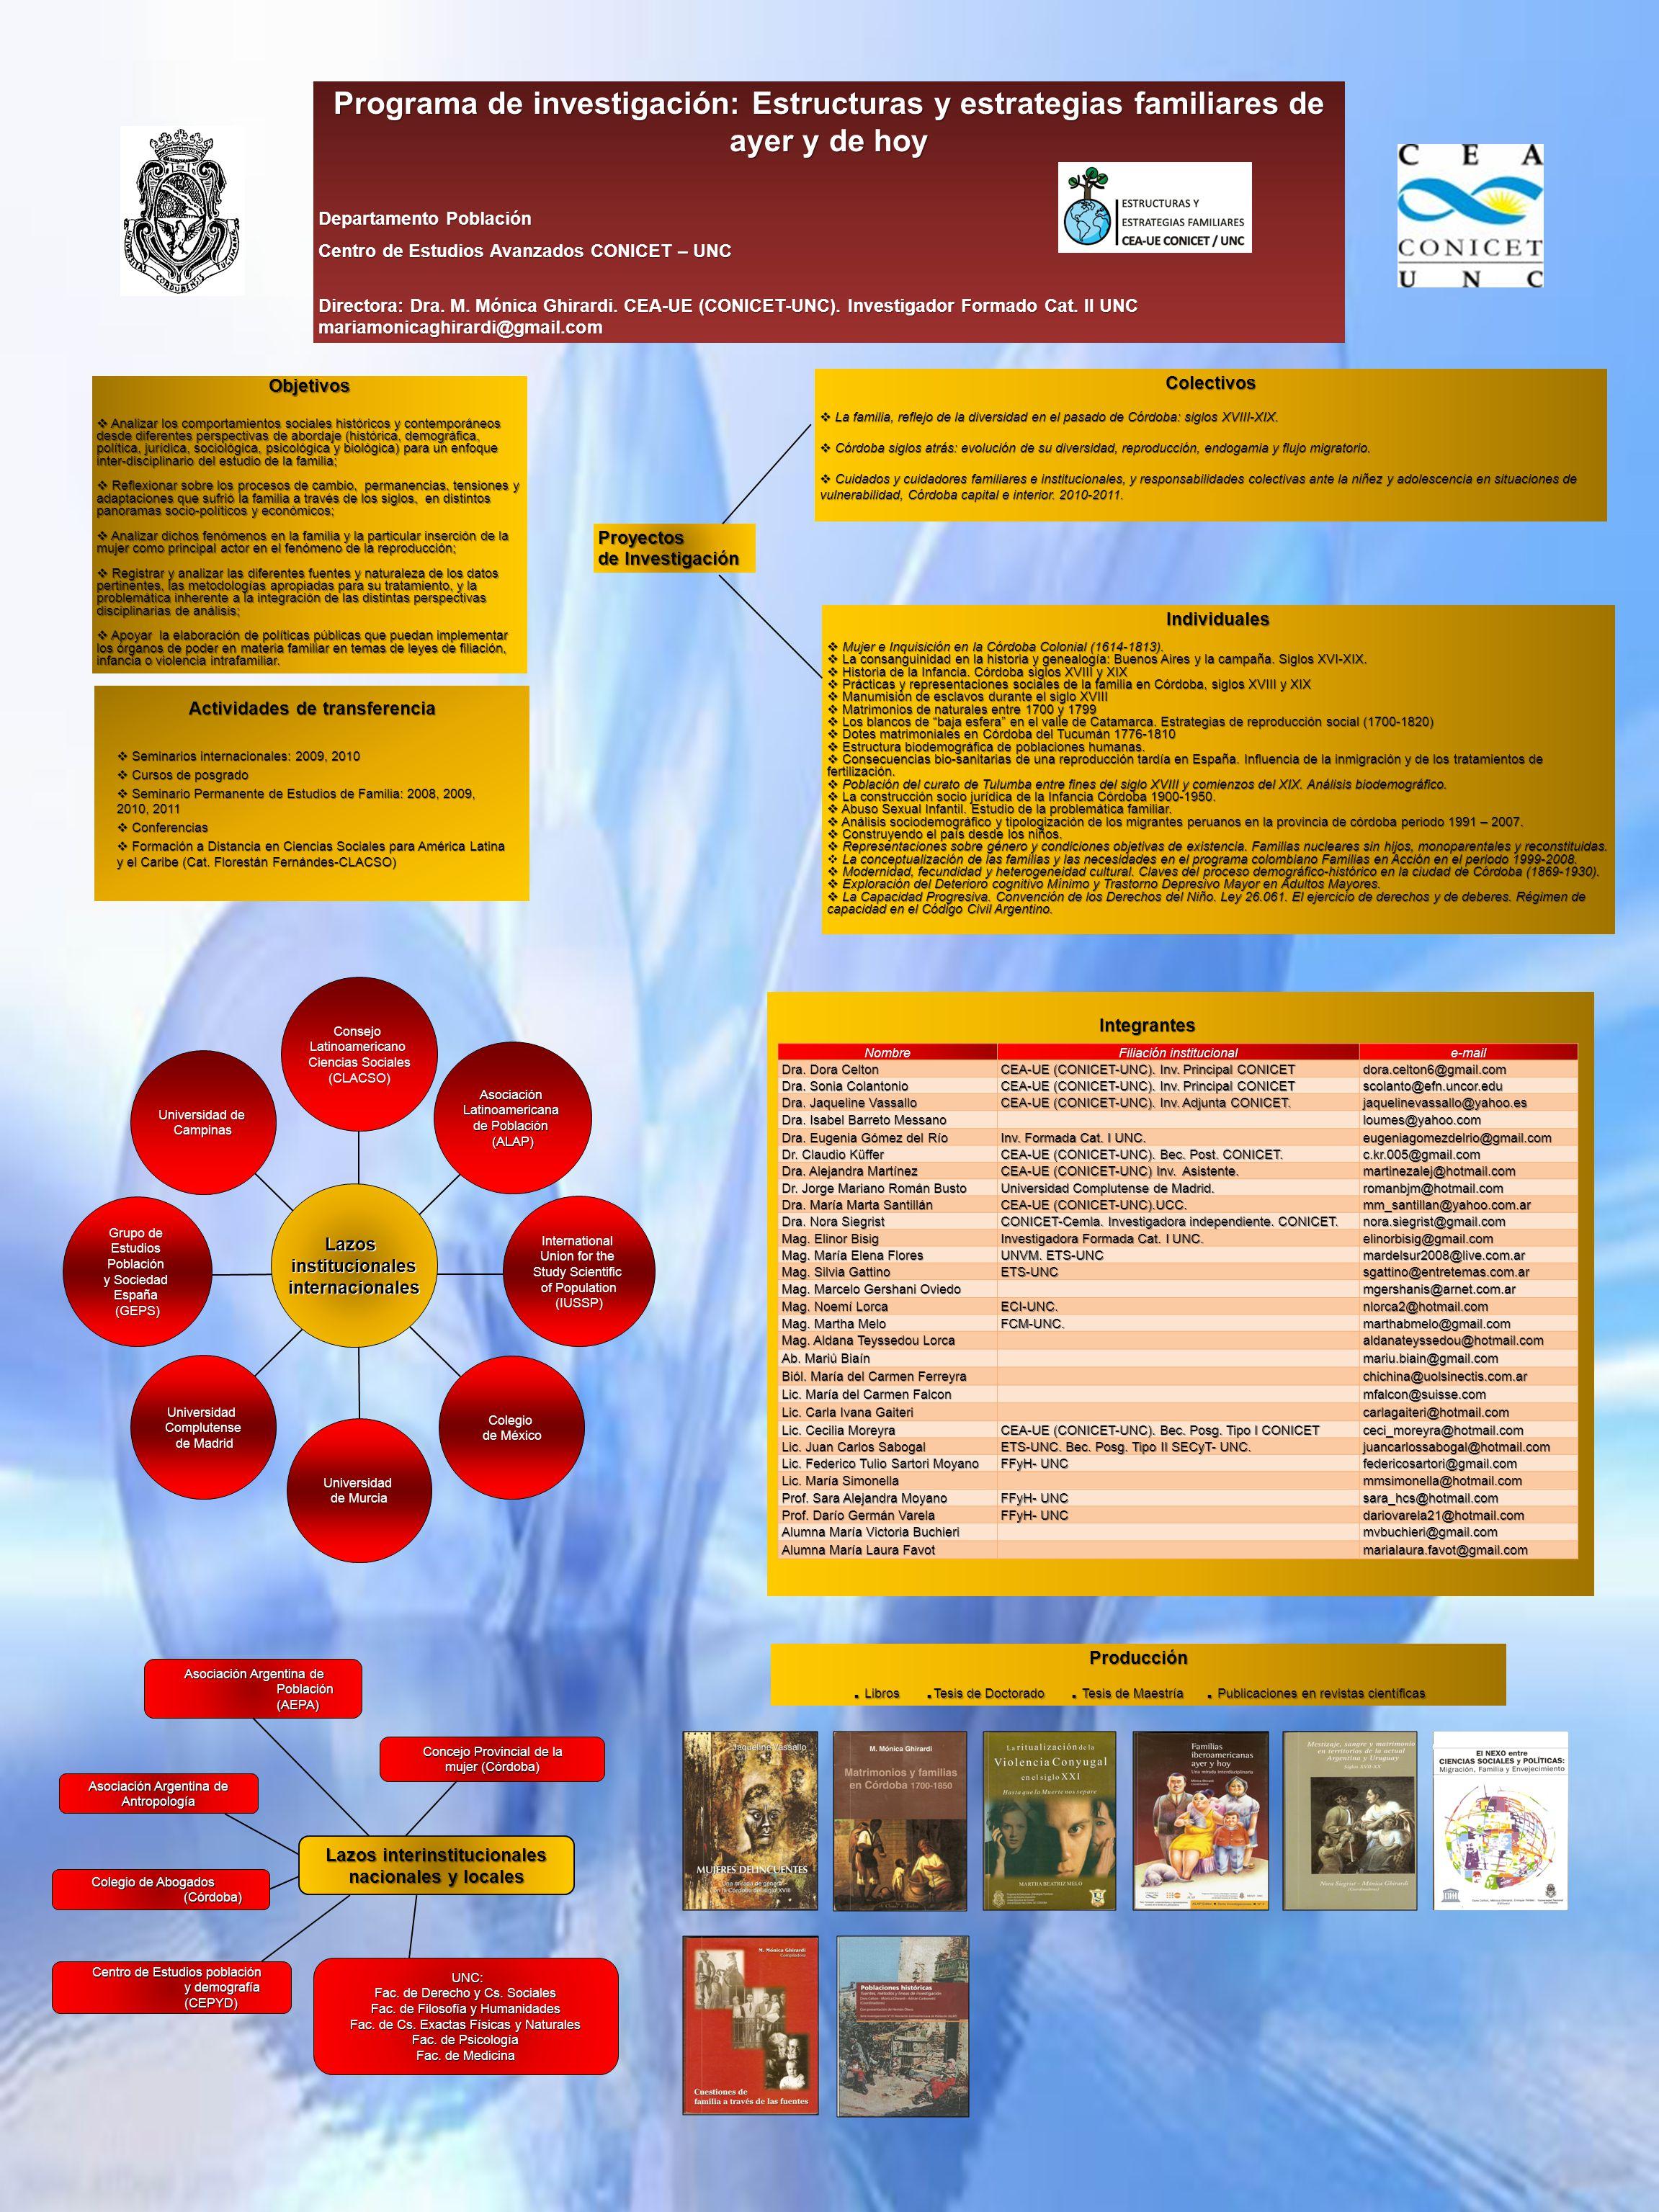 Programa de investigación: Estructuras y estrategias familiares de ayer y de hoy Departamento Población Centro de Estudios Avanzados CONICET – UNC Dir